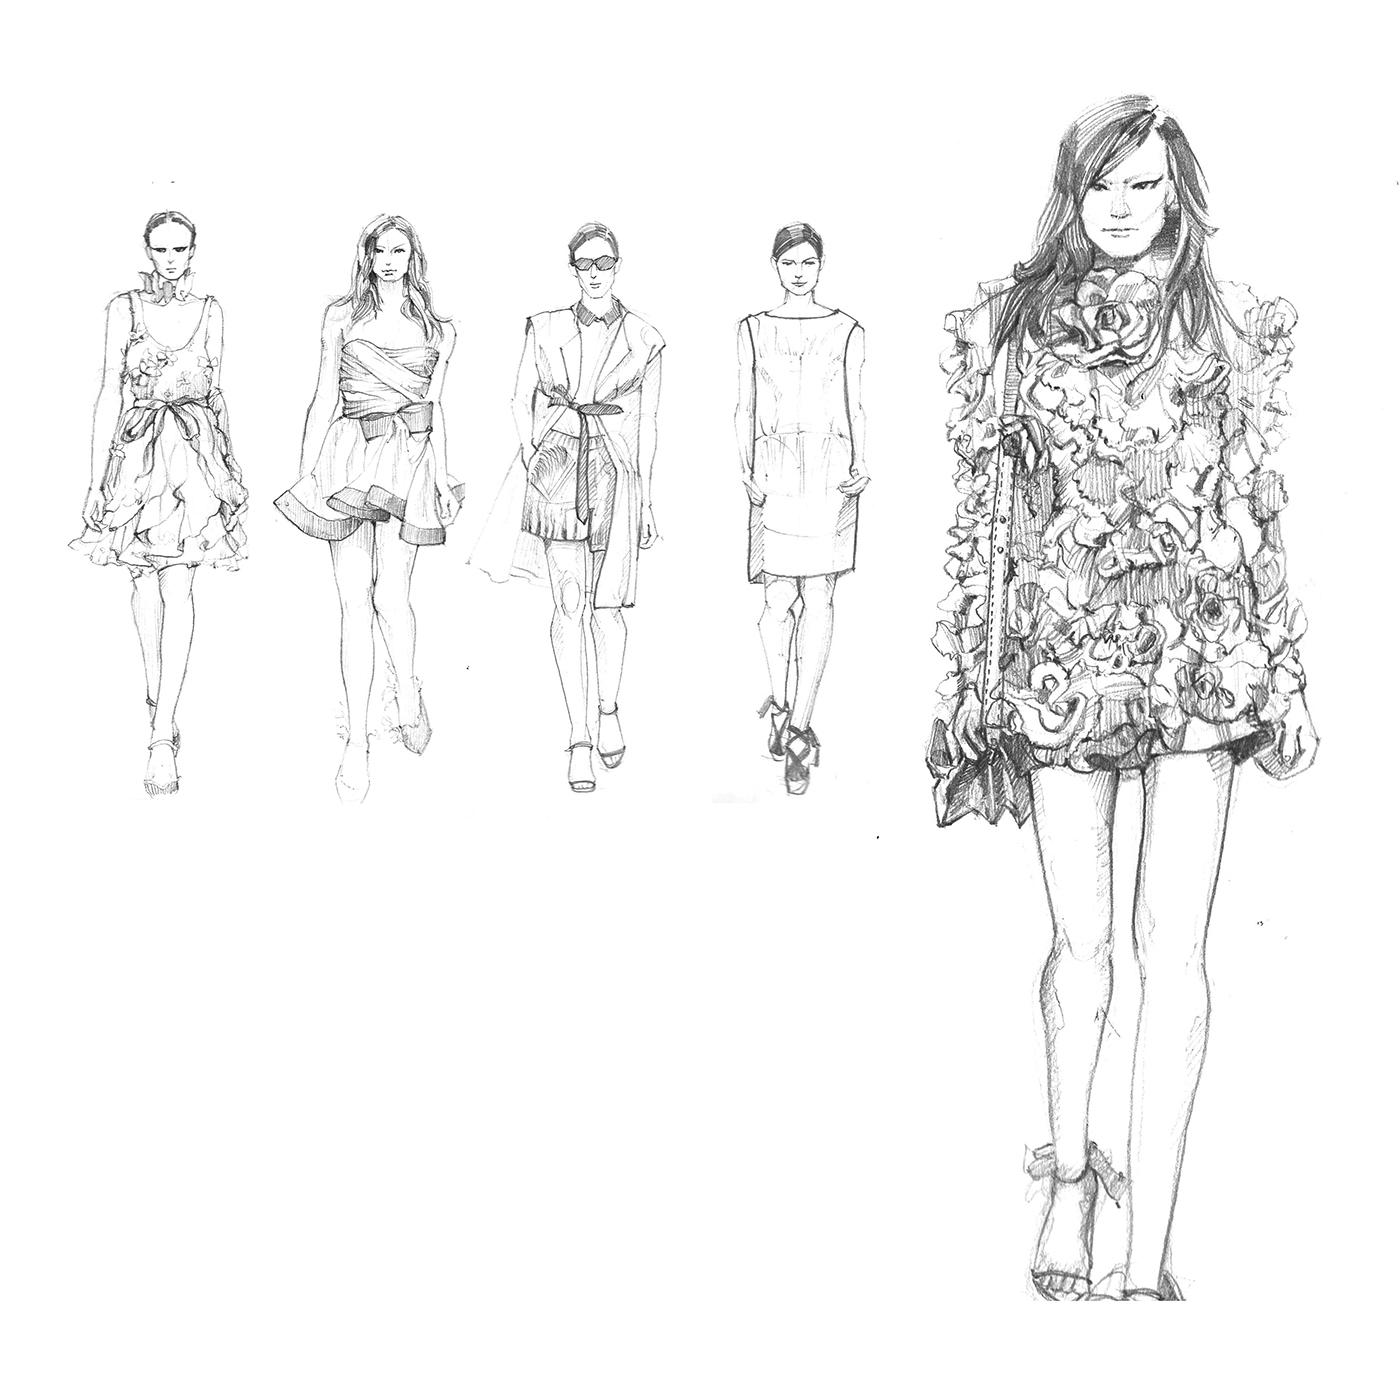 完美的35款衣服設計圖欣賞